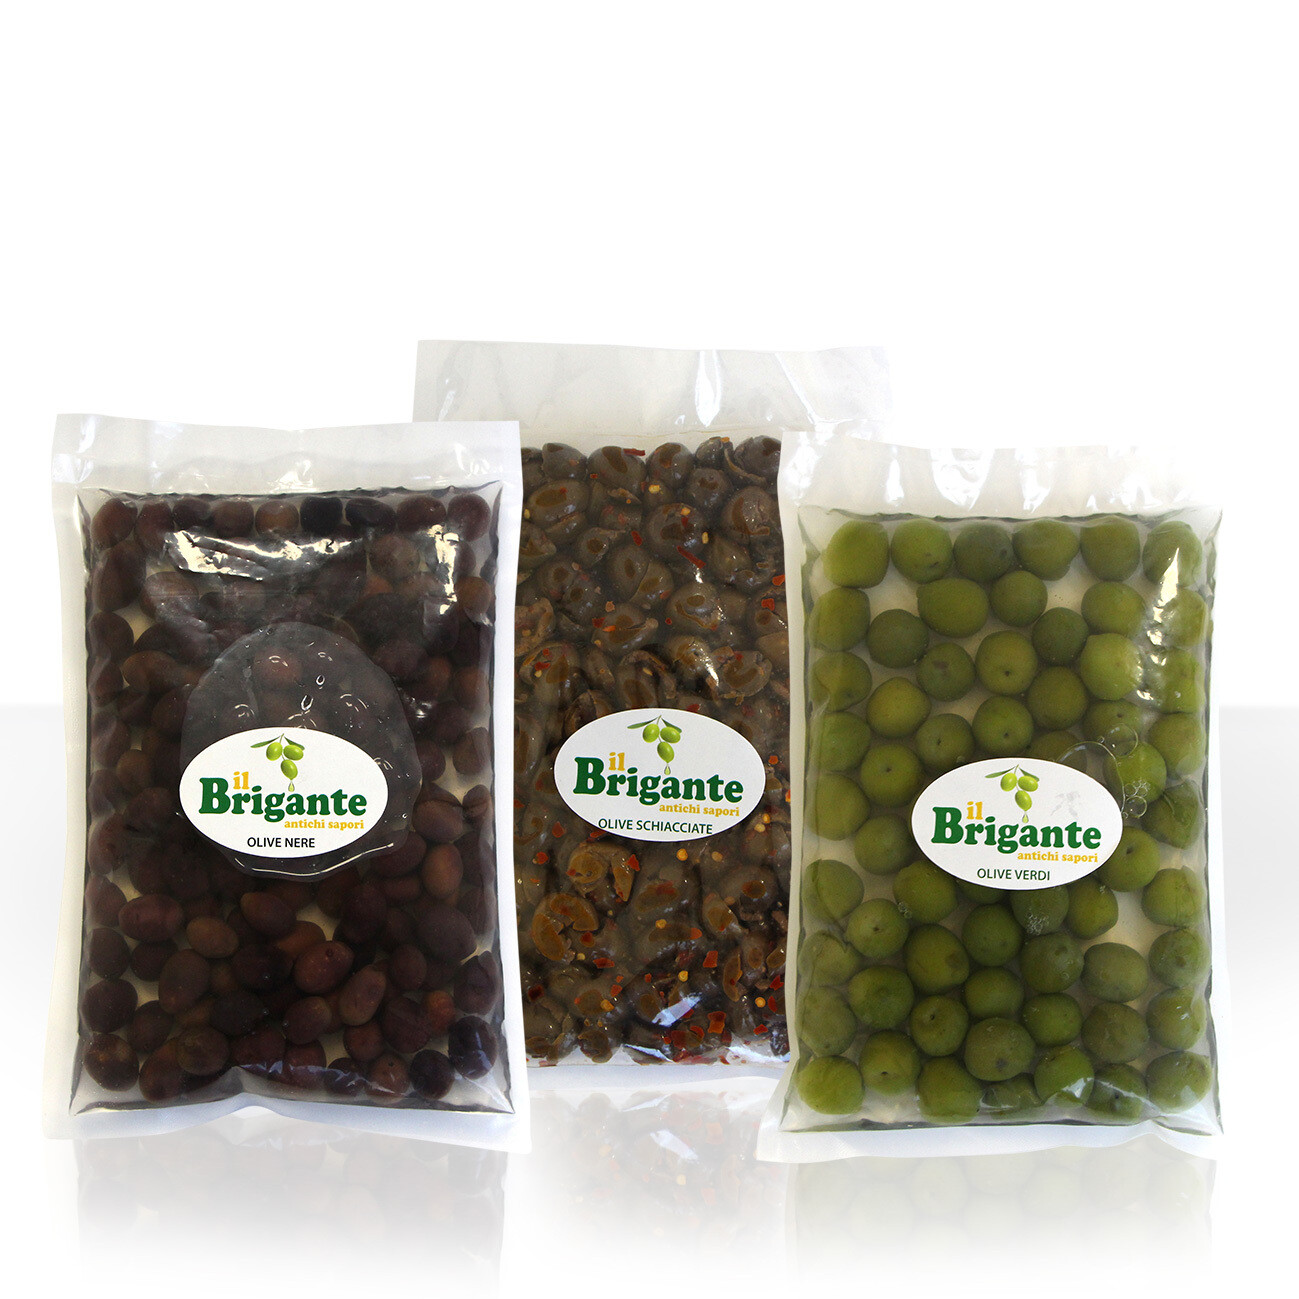 Pacchetto Olive - Il Brigante